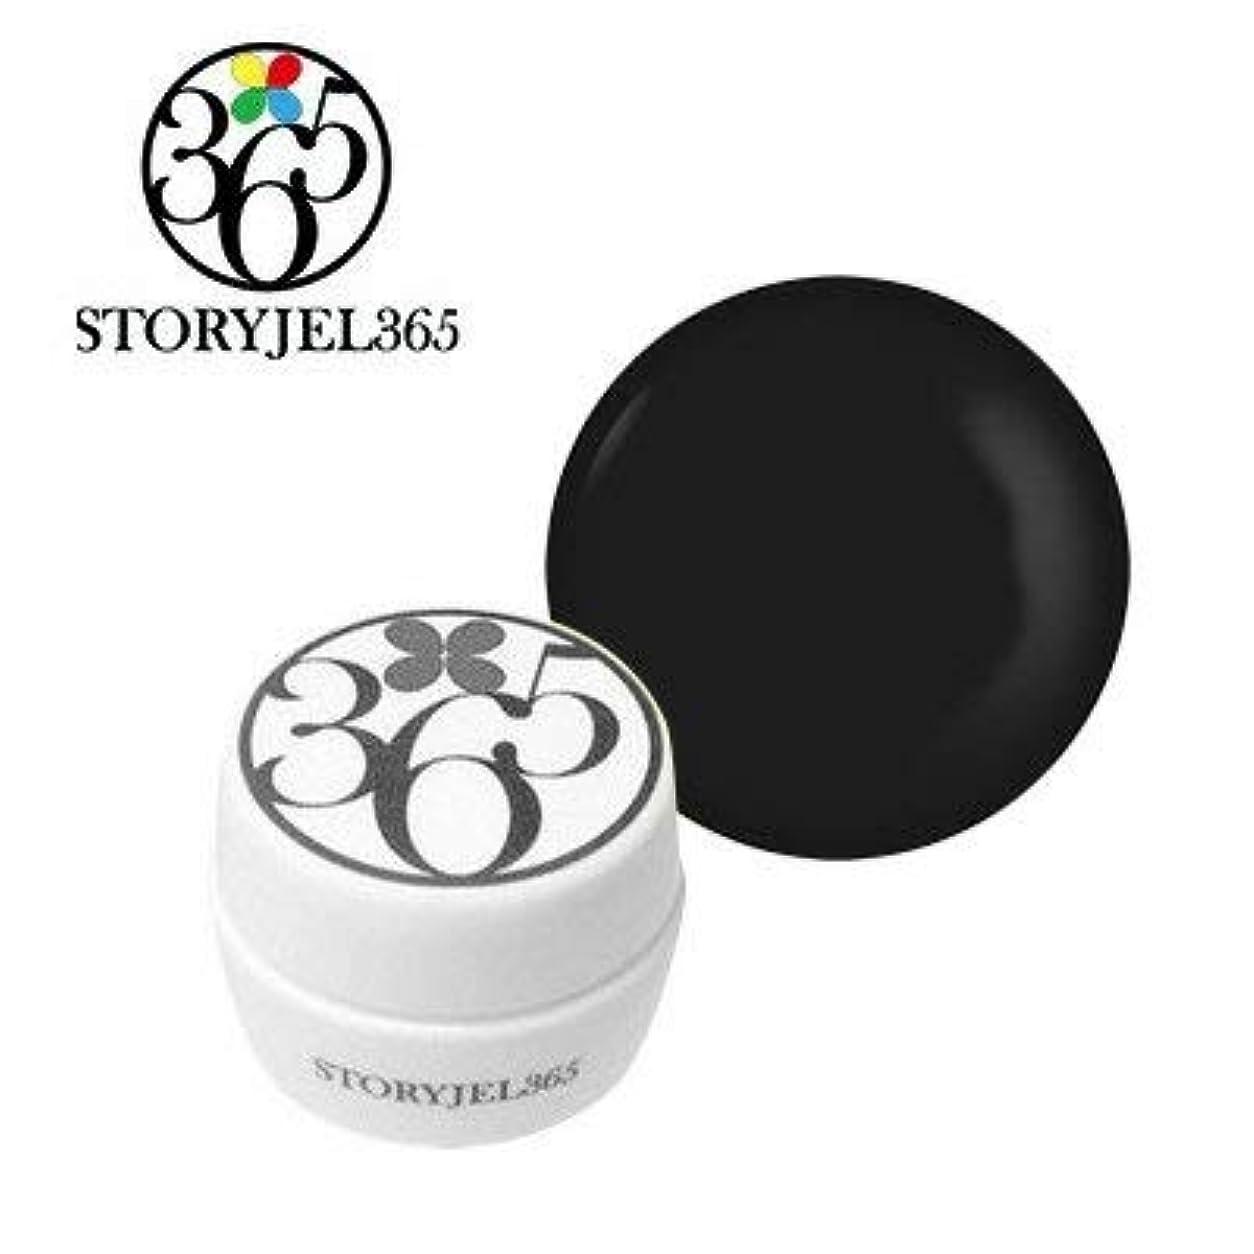 冷酷な大臣改善するSTORYJEL365 カラージェル 5g (ストーリージェル) SJS-301M-D 聖なる石